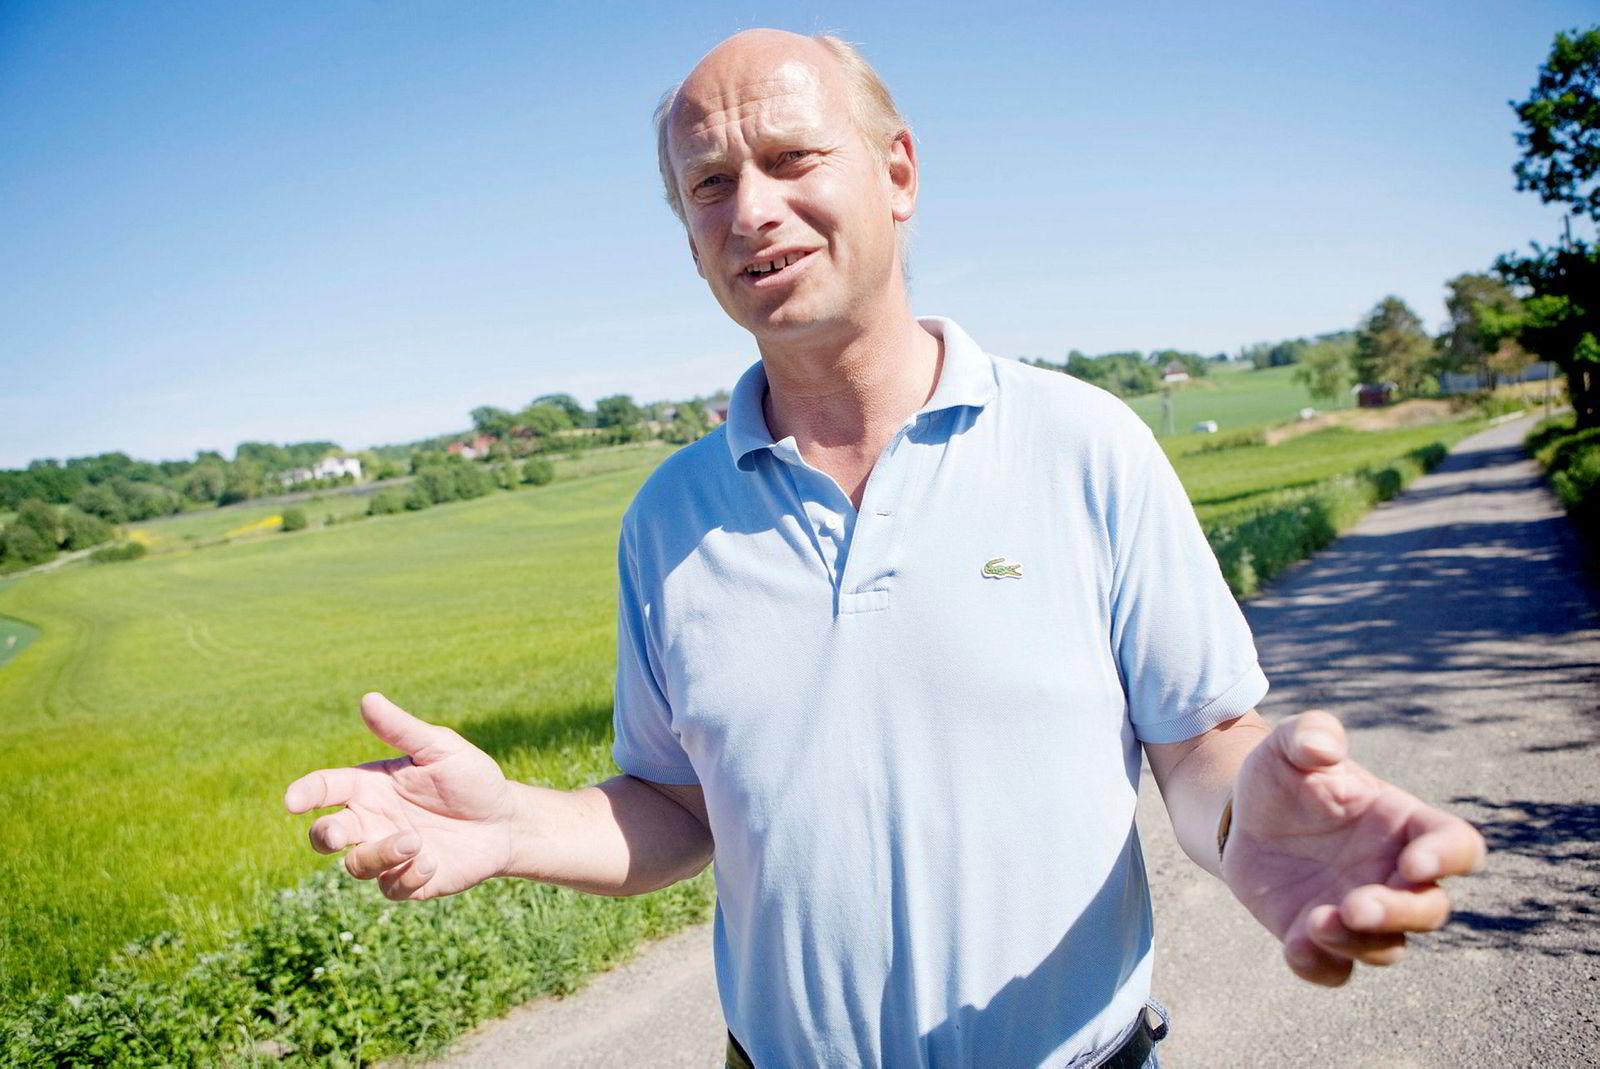 Eiendomsmegler Tore Solberg satte ny rekord i Sandefjord i helgen, men ikke personlig rekord.